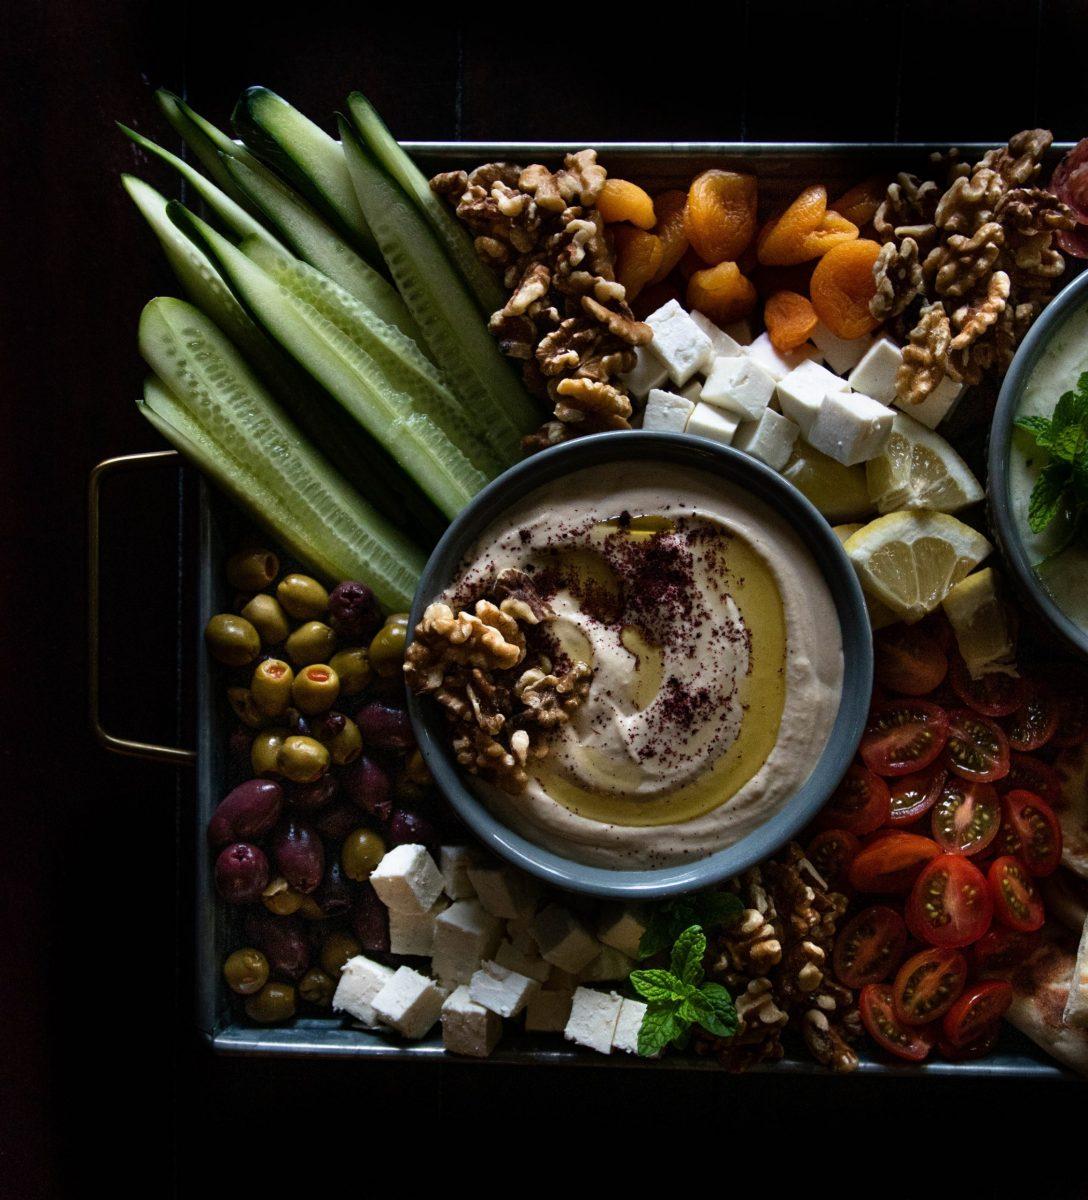 humus, namaz, čičerika, je humus zdrav, zakaj se uporablja humus, vlaknine, olivno olje, tahini, kaj je tahini pasta